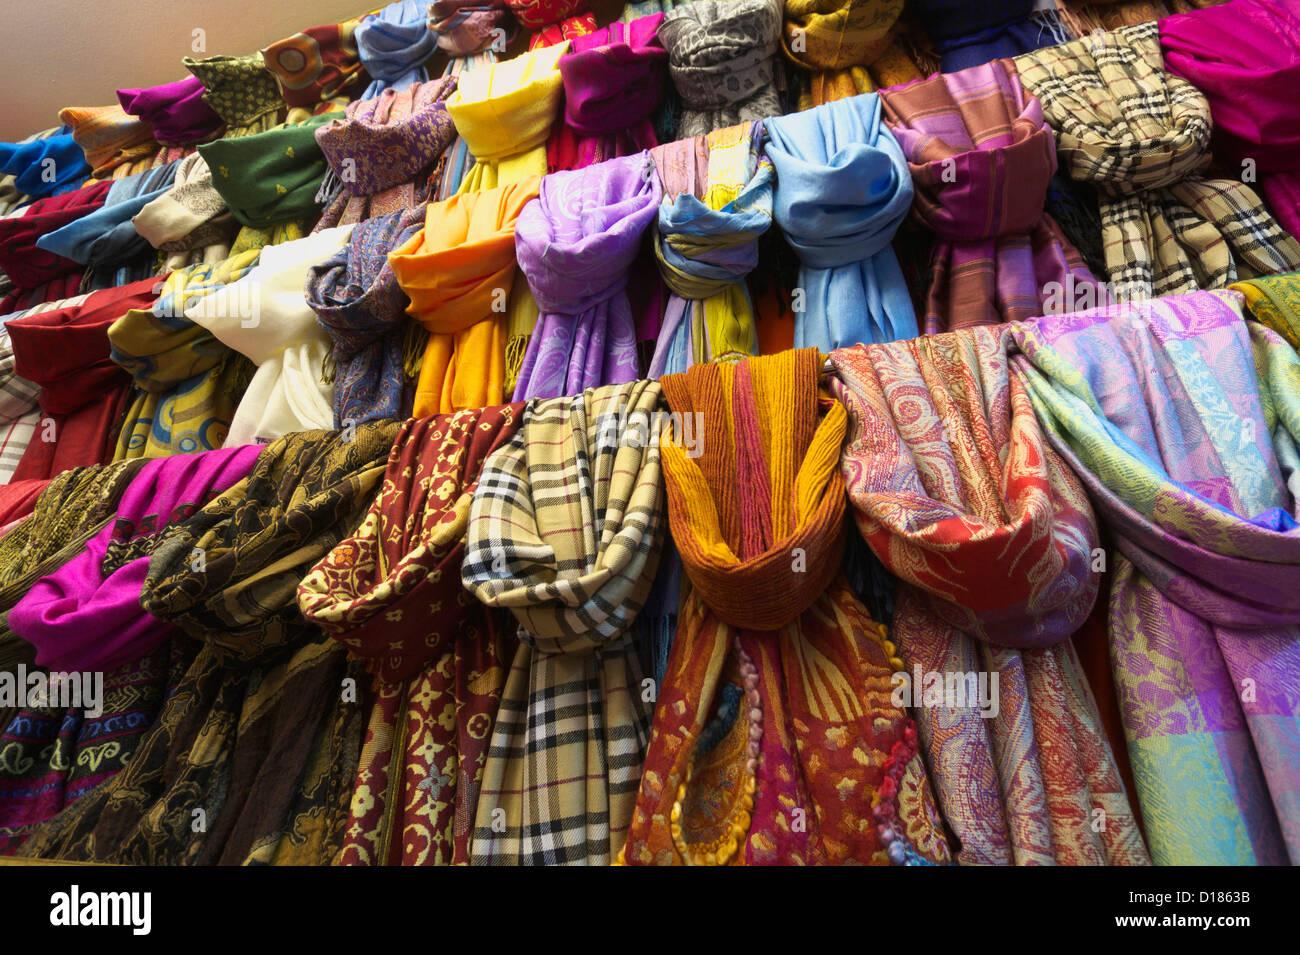 b98e9039ec7d La Turquie, Istanbul, Grand Bazar (Kapalicarsi) pashmina foulards en soie, à